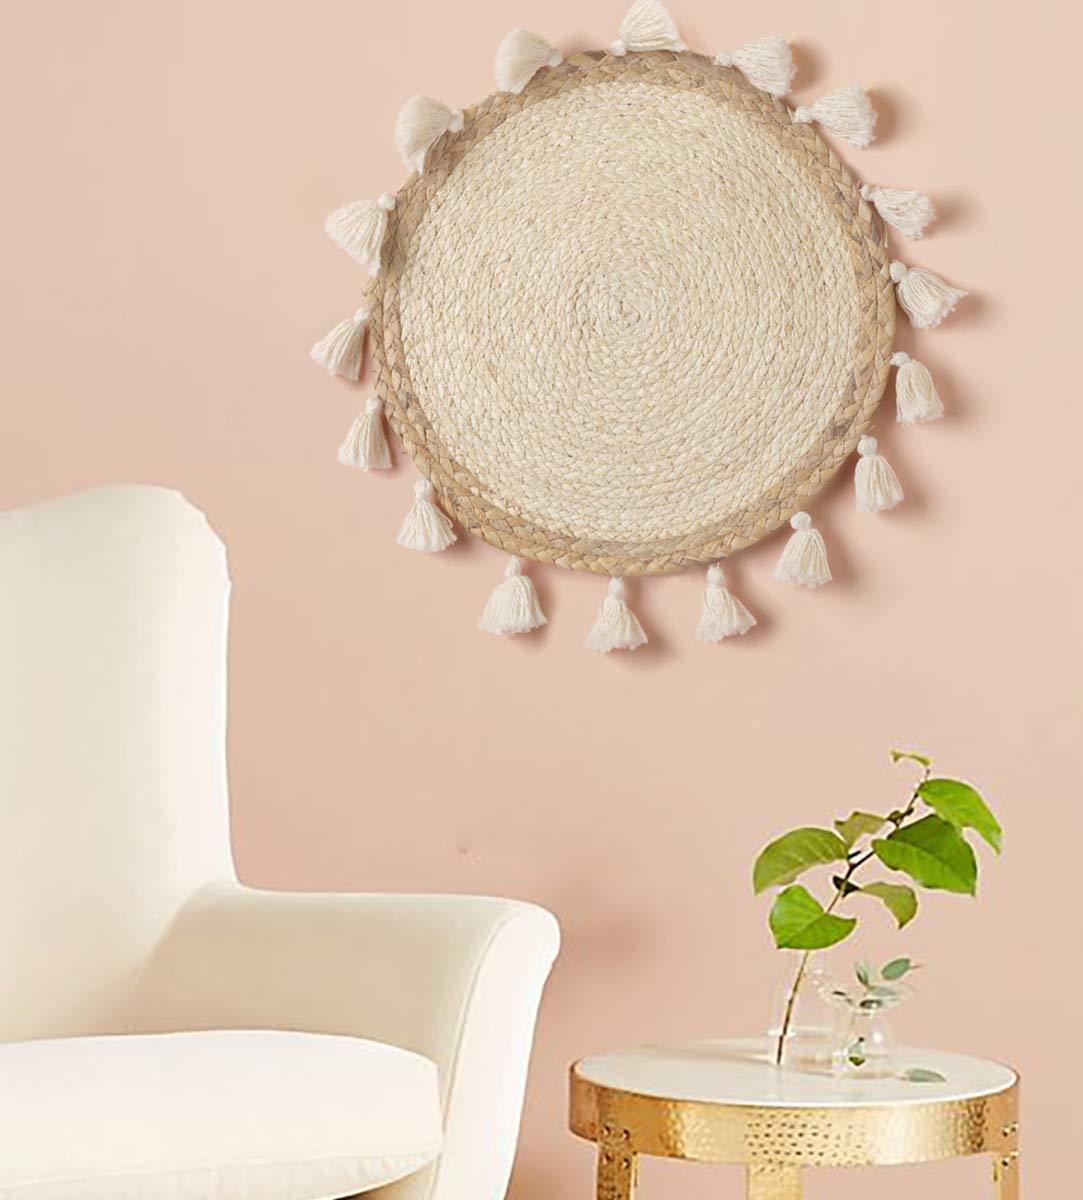 Flber Woven Wall Baskets Wall Hanging Tassel Macrame Boho Wall Art Home Décor,14'' Diameter